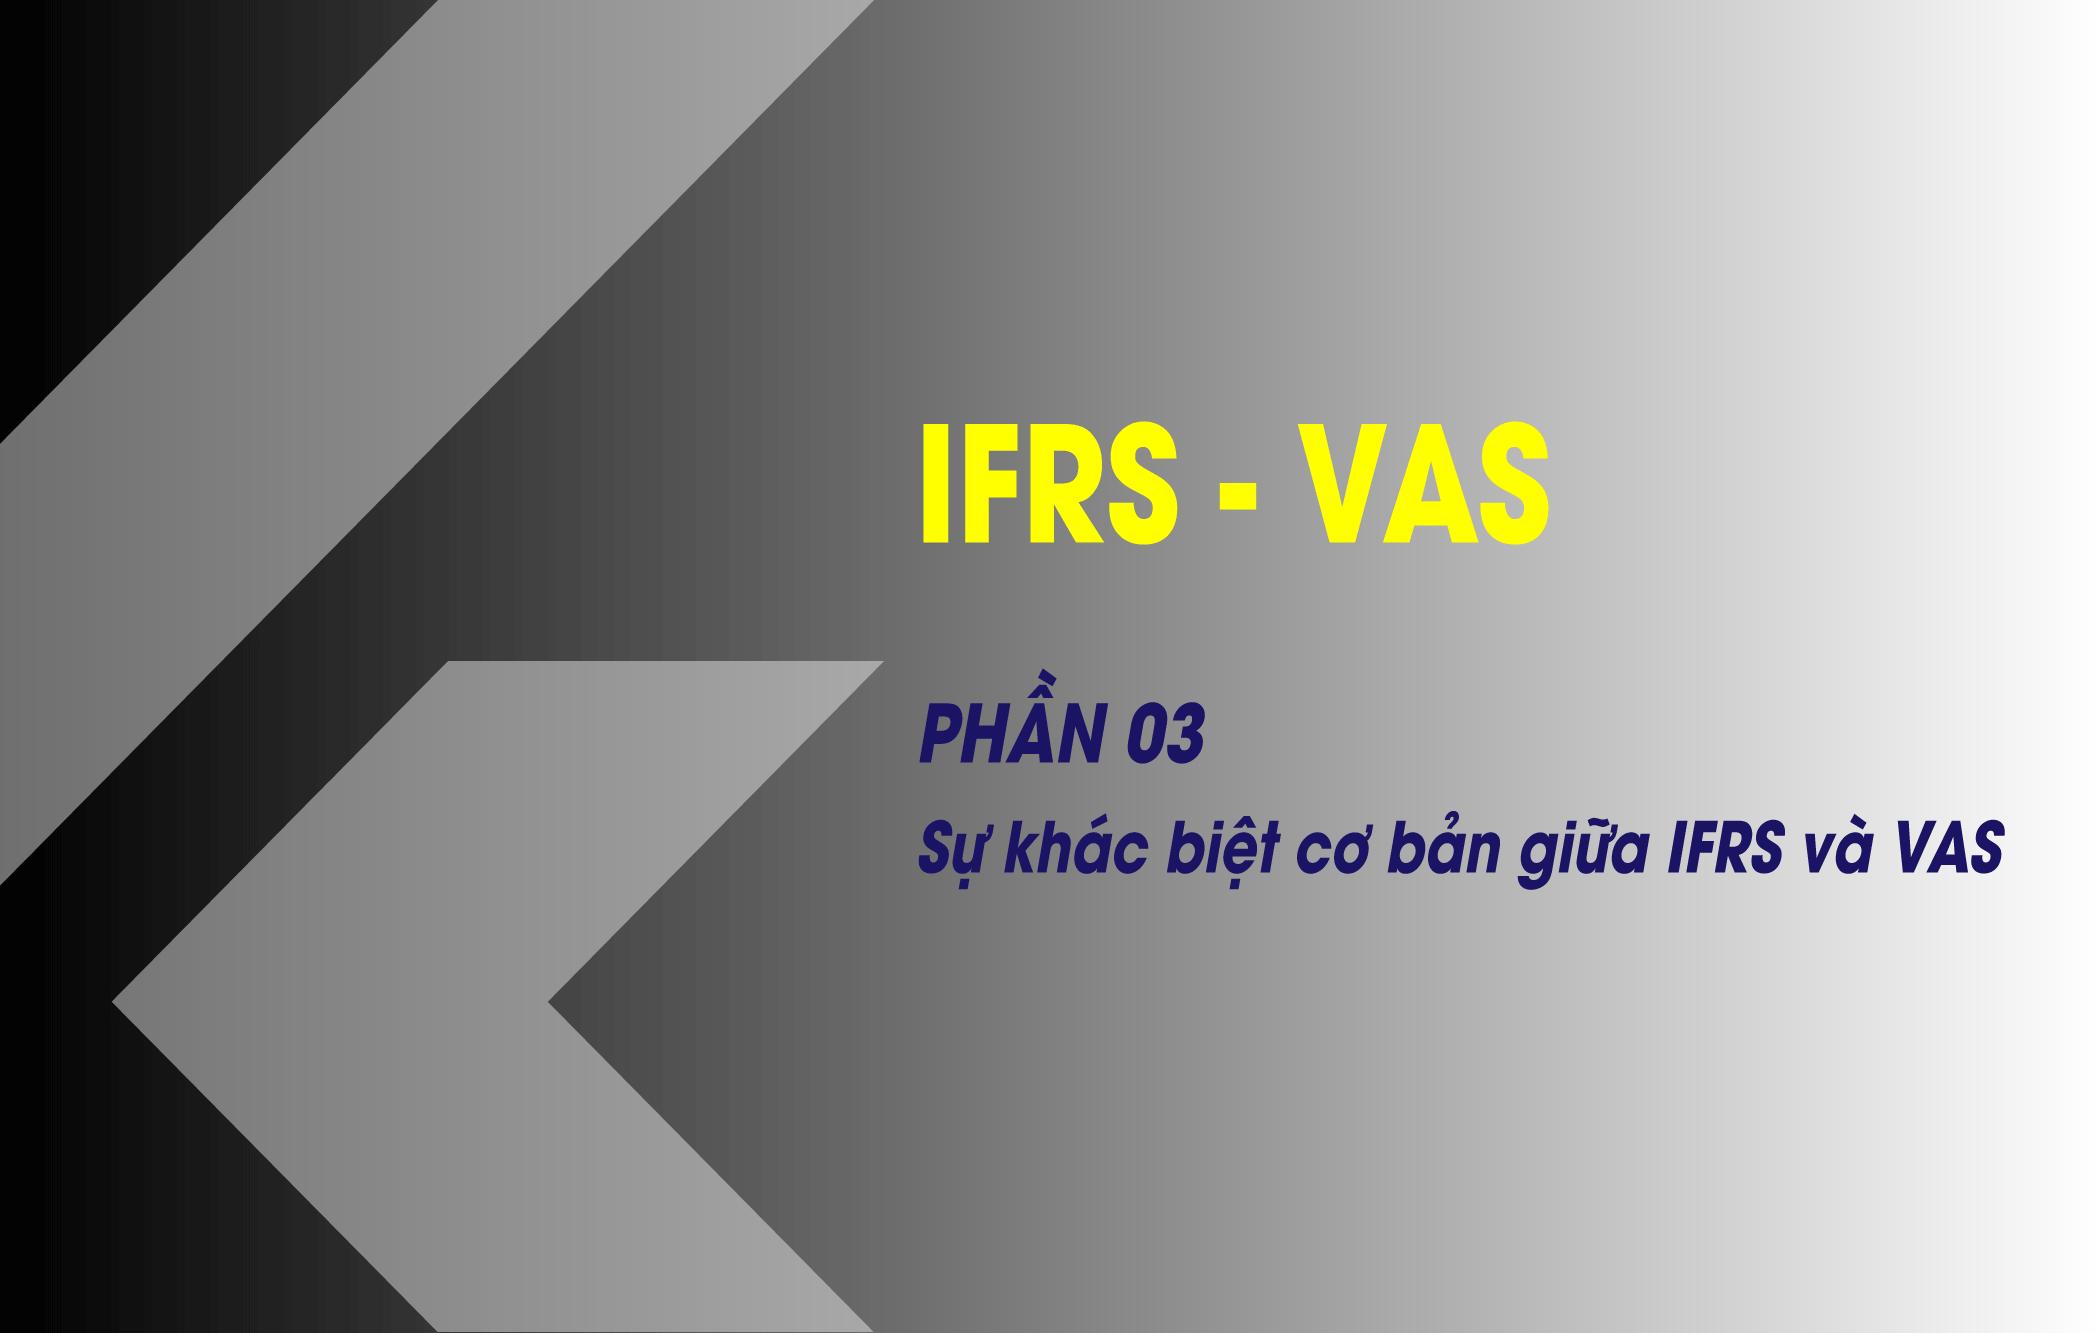 Phần 3 - Sự khác biệt giữa IFRS và VAS